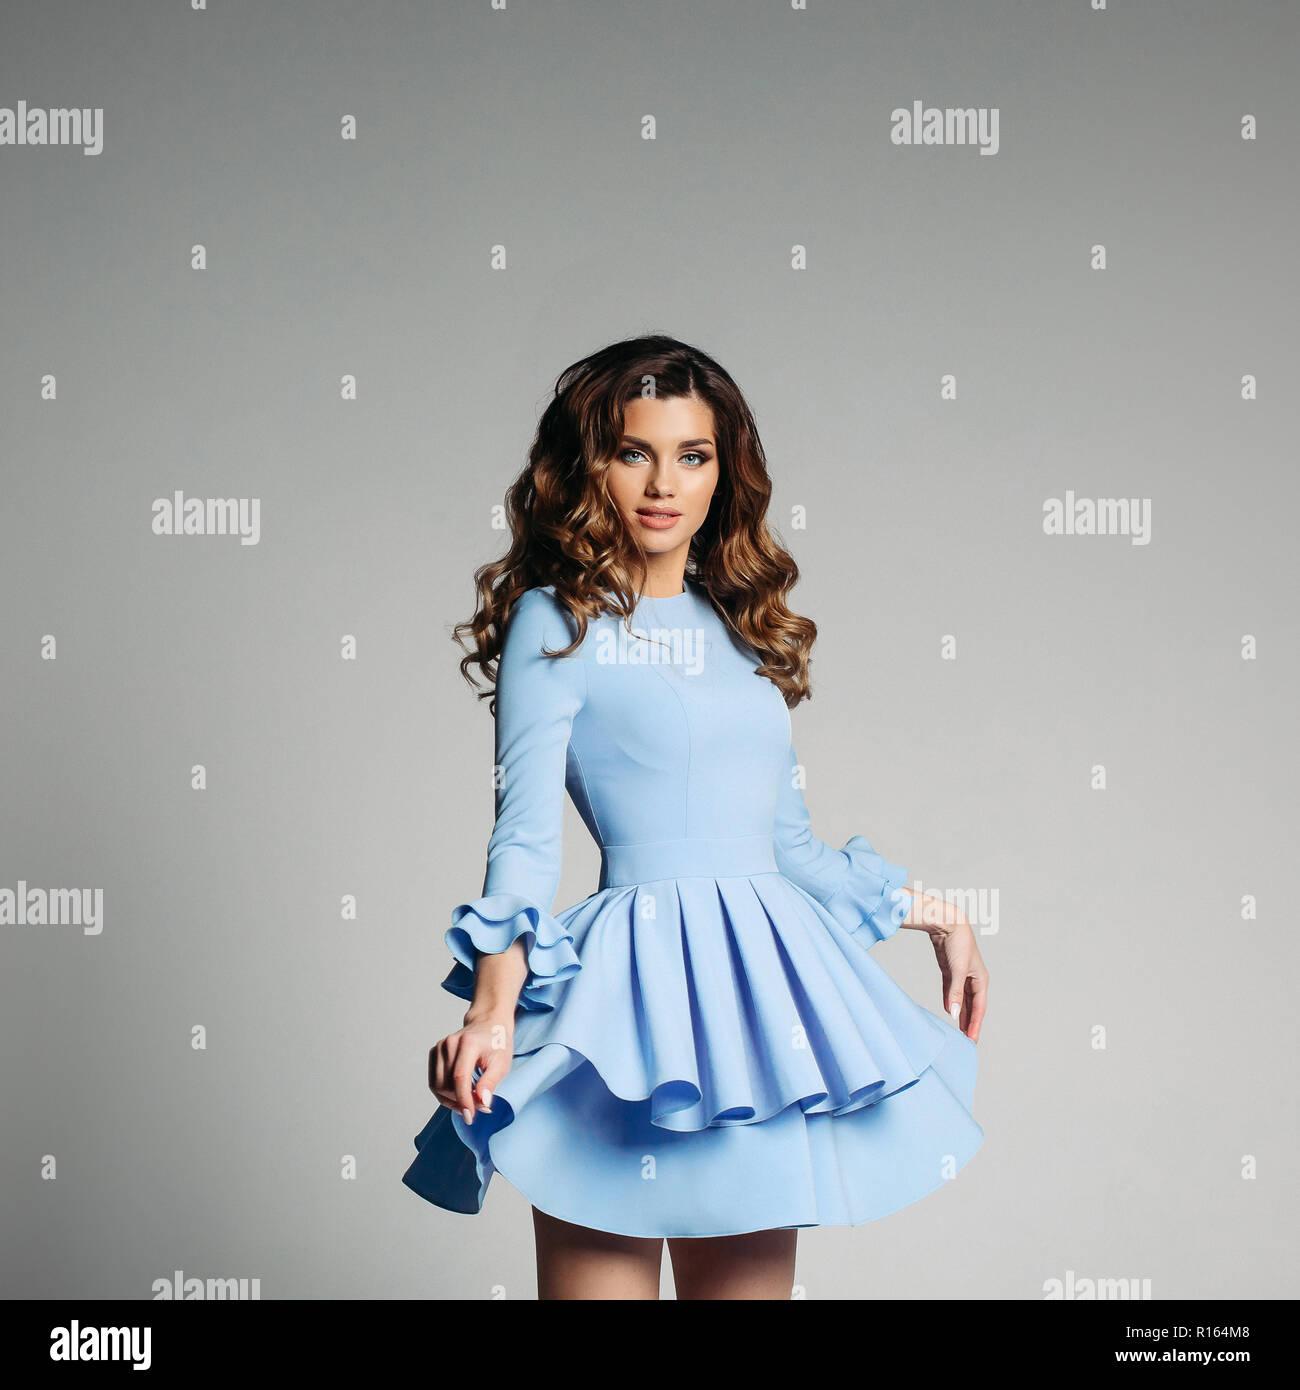 2a6c54107 Retrato de estudio de bella mujer con largo cabello ondulado y ojos azules  impresionantes vestidos de bonito vestido con volantes en azul claro sobre  fondo ...